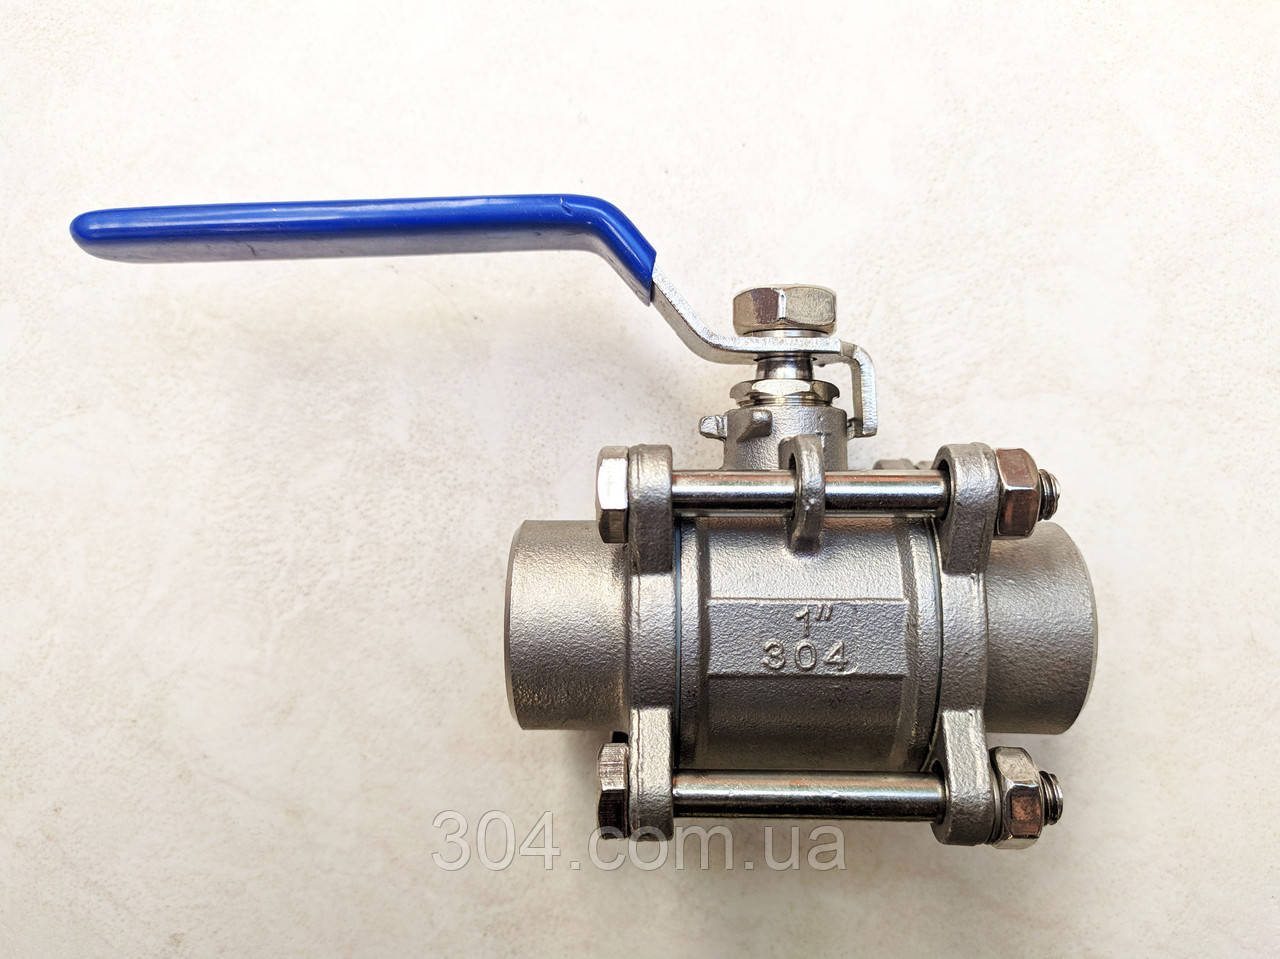 Шаровой кран нержавеющий 3-х составной, под приварку Ду 20 AISI 304